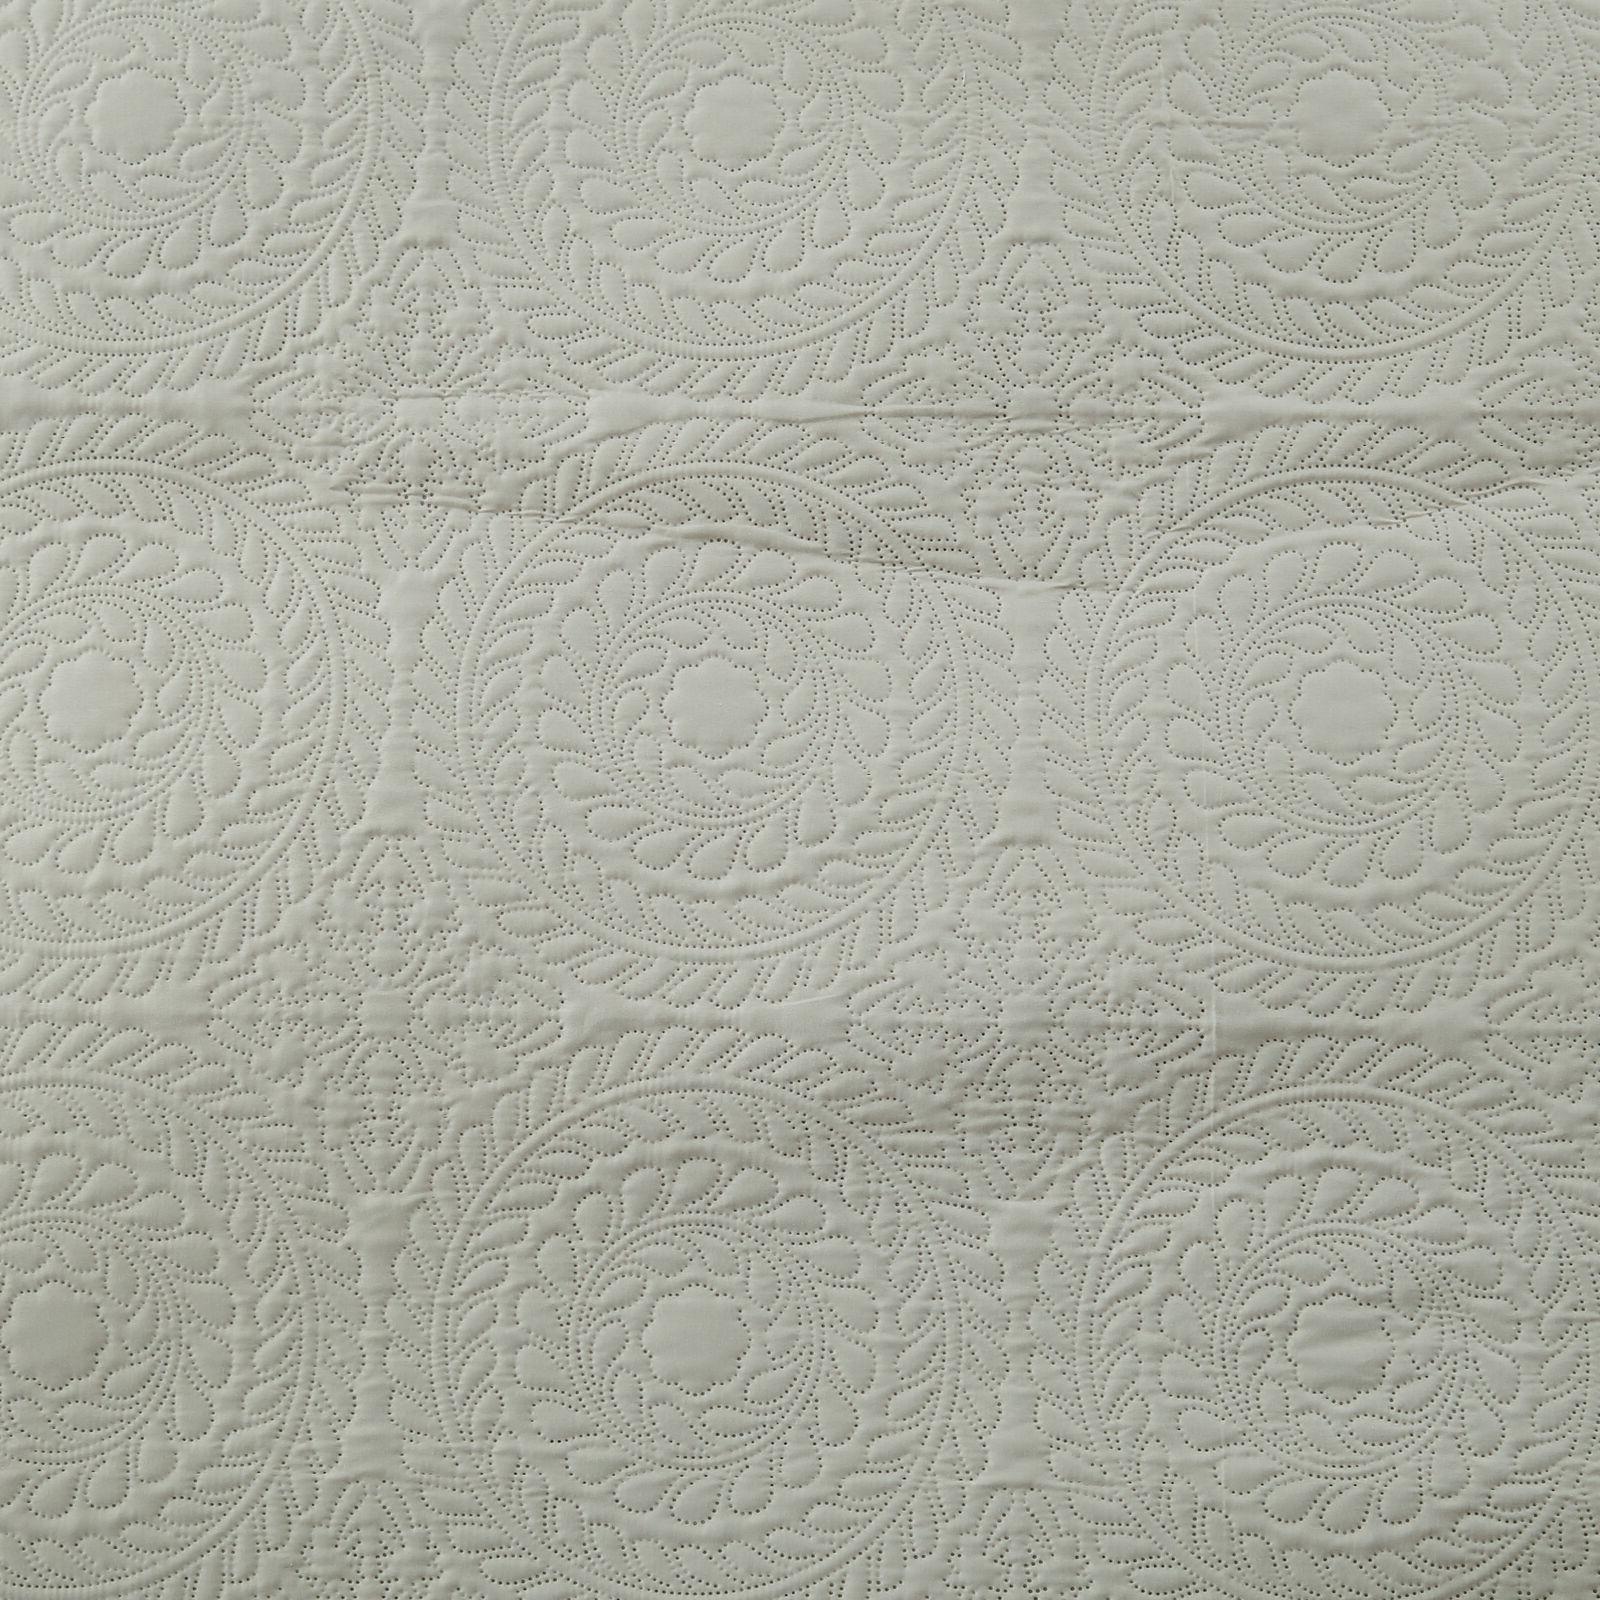 3 Piece Bedding Quilt Soft Lightweight Set Full/Queen,King